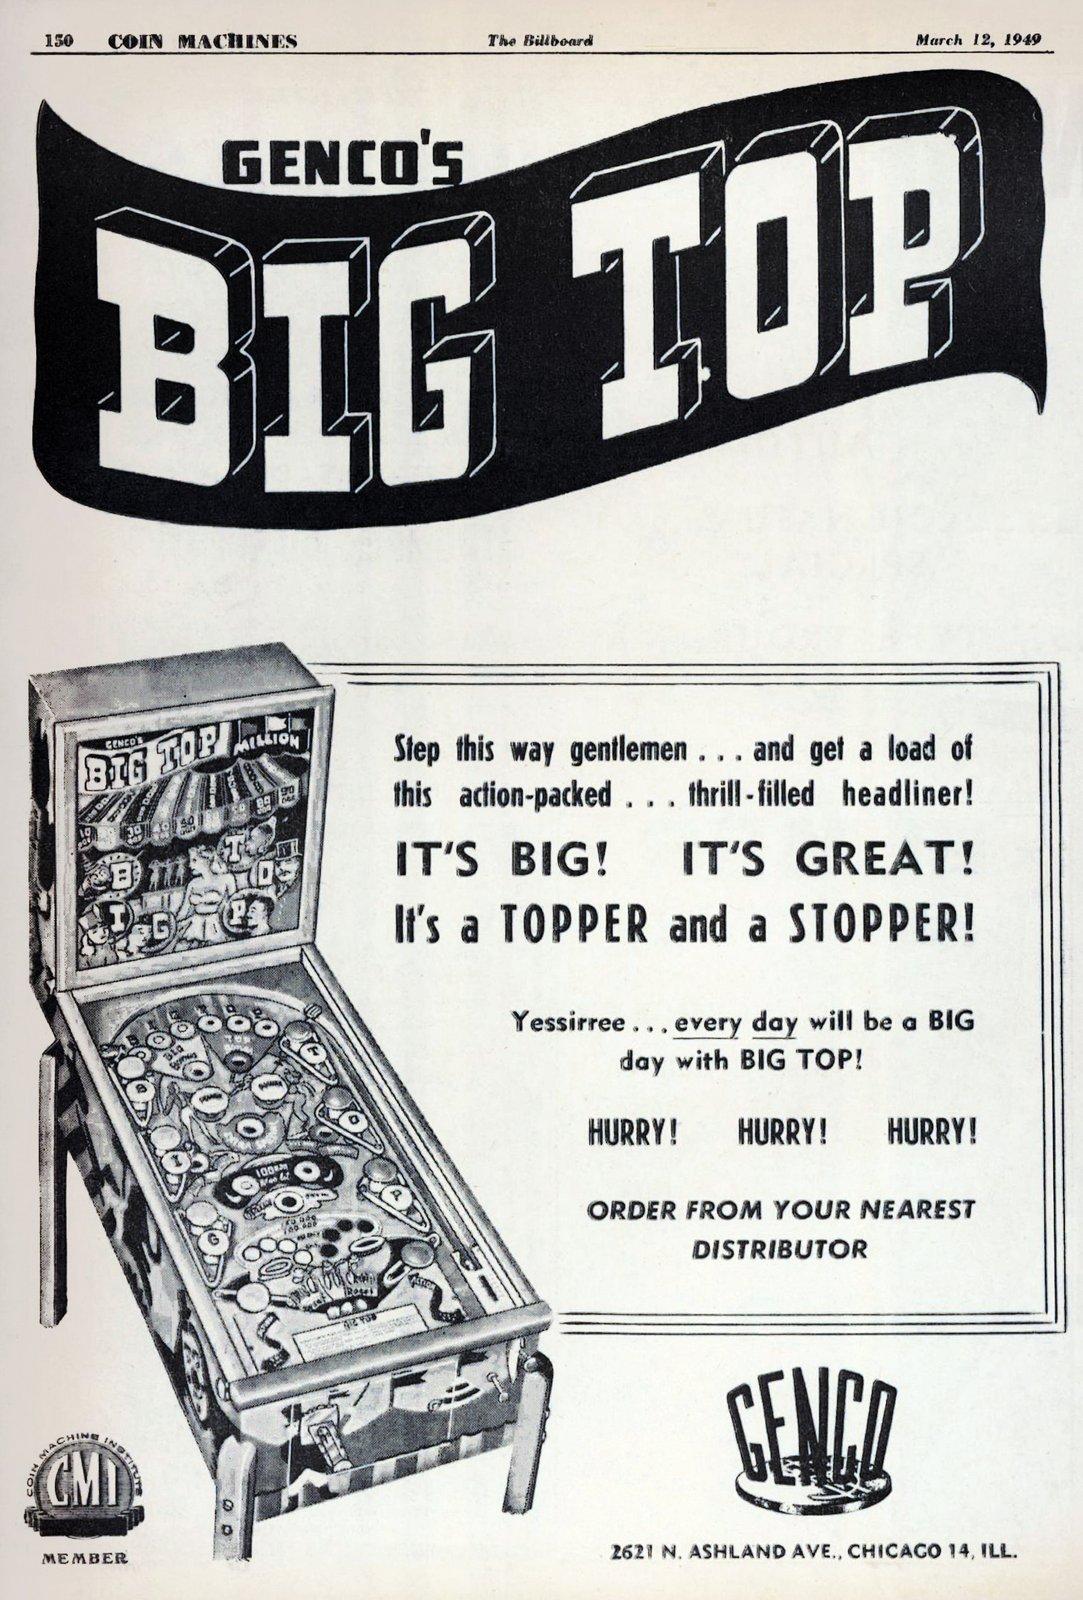 Vintage arcade-style pinball games - Genco's Big Top (1949)